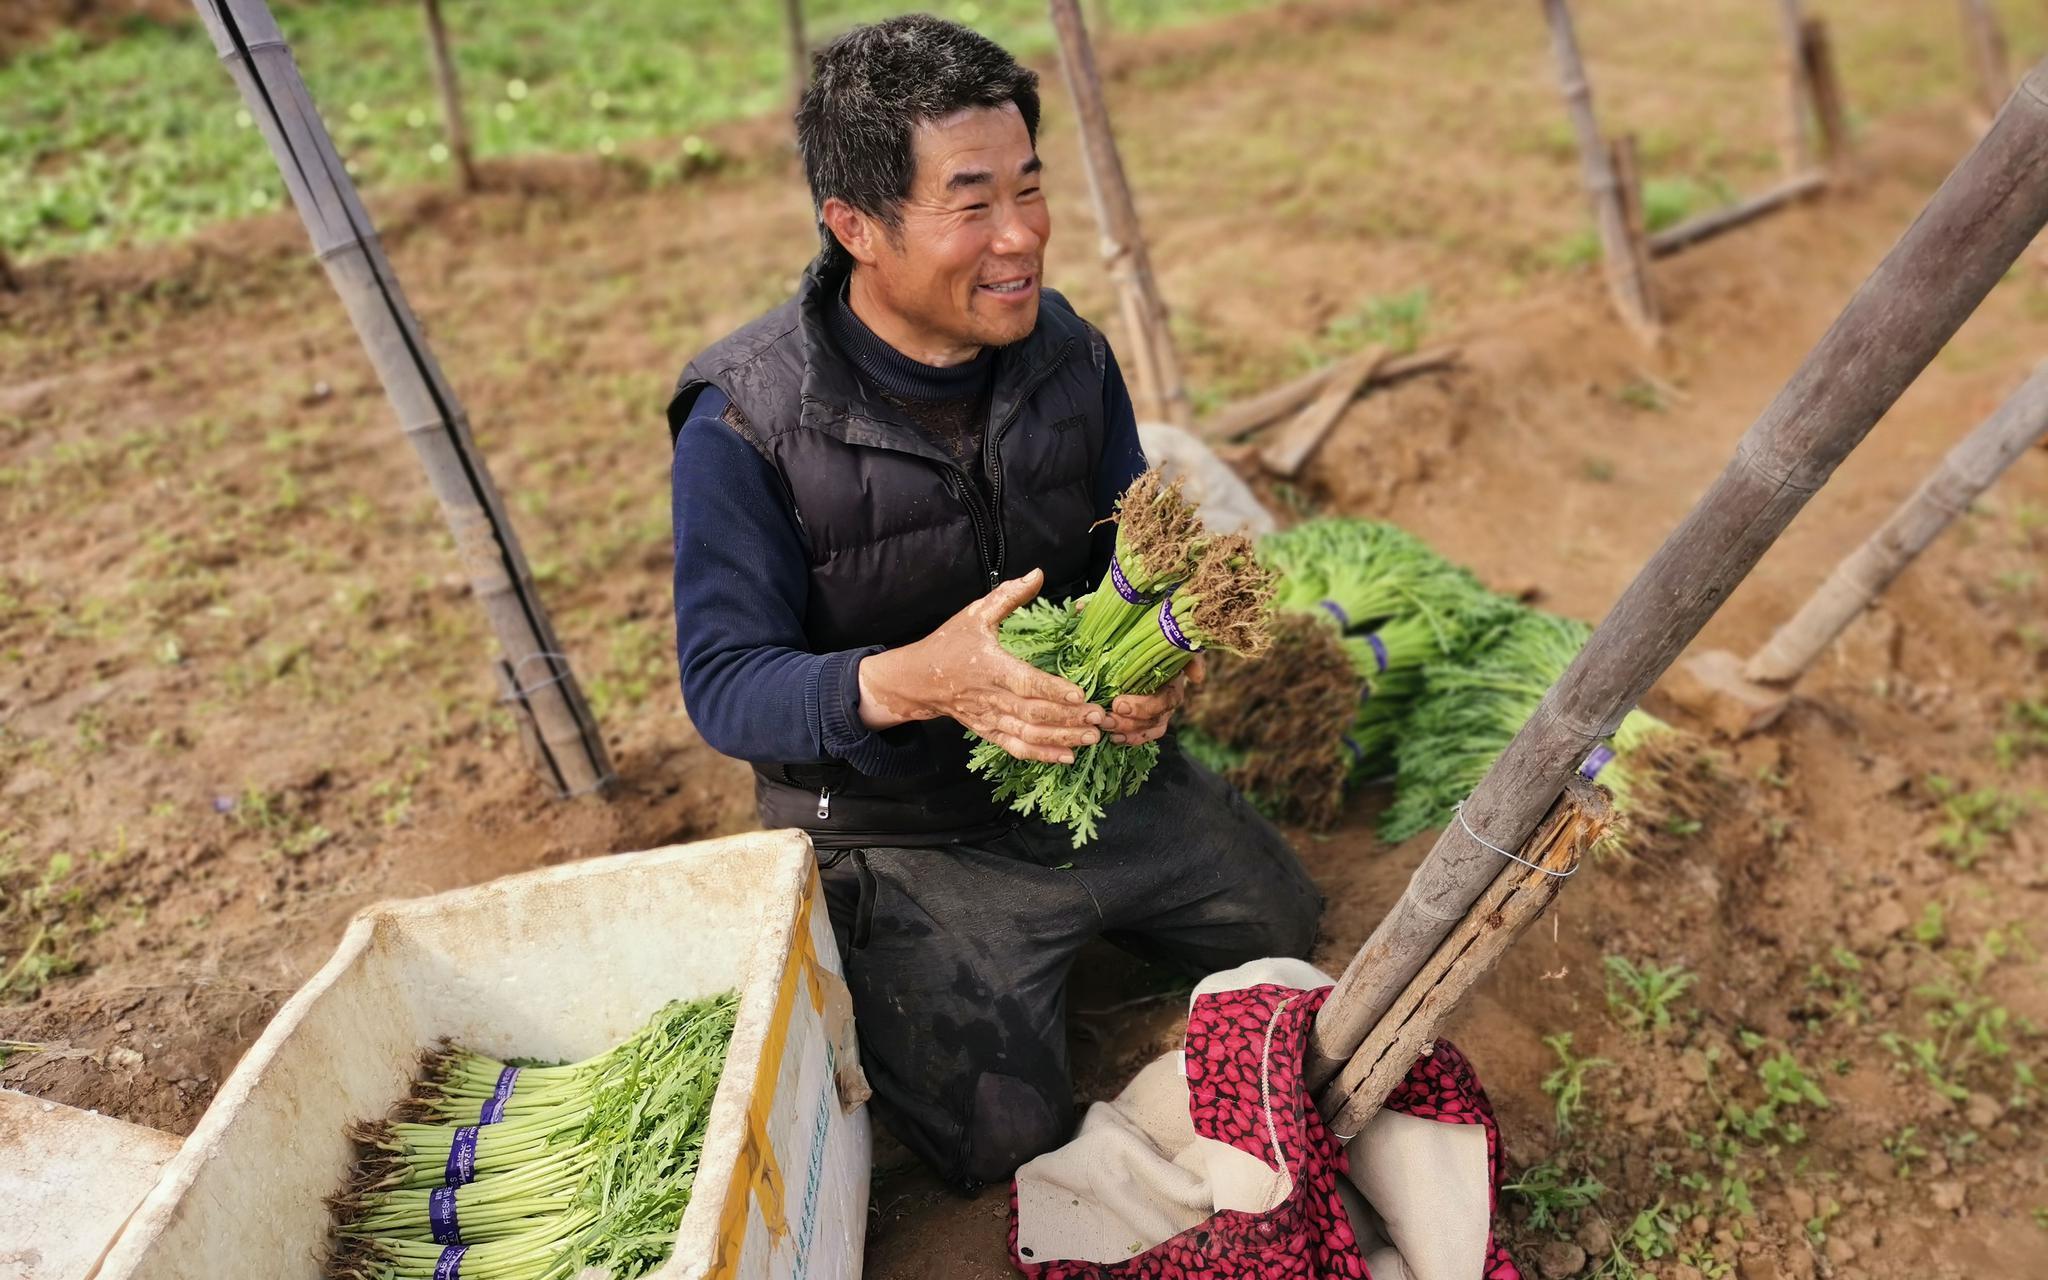 安徽农户京郊租地种菜,最担心的是买种子图片